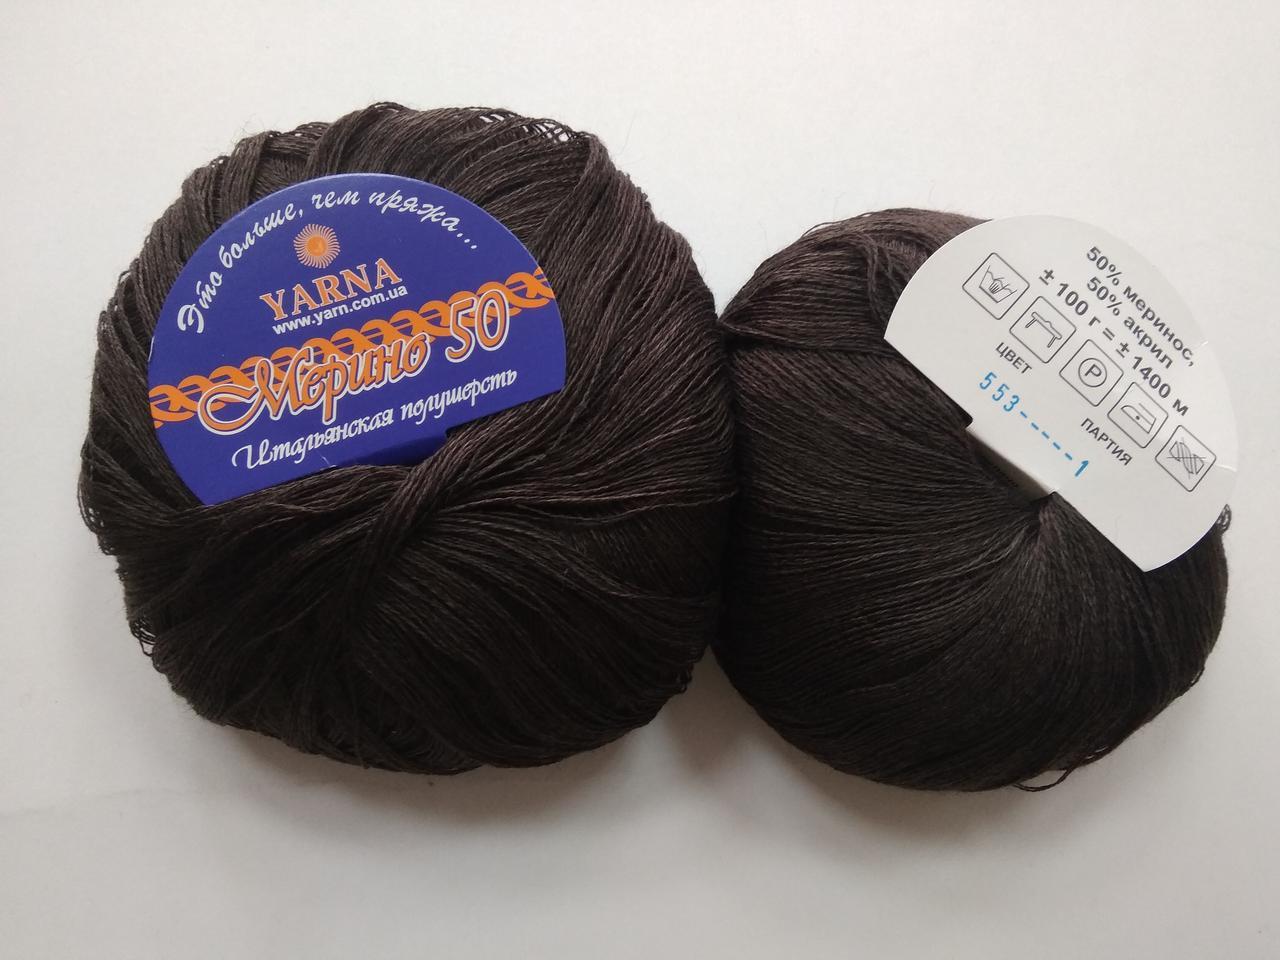 Пряжа для вязания YARNA Мерино 50 коричневый темный 553